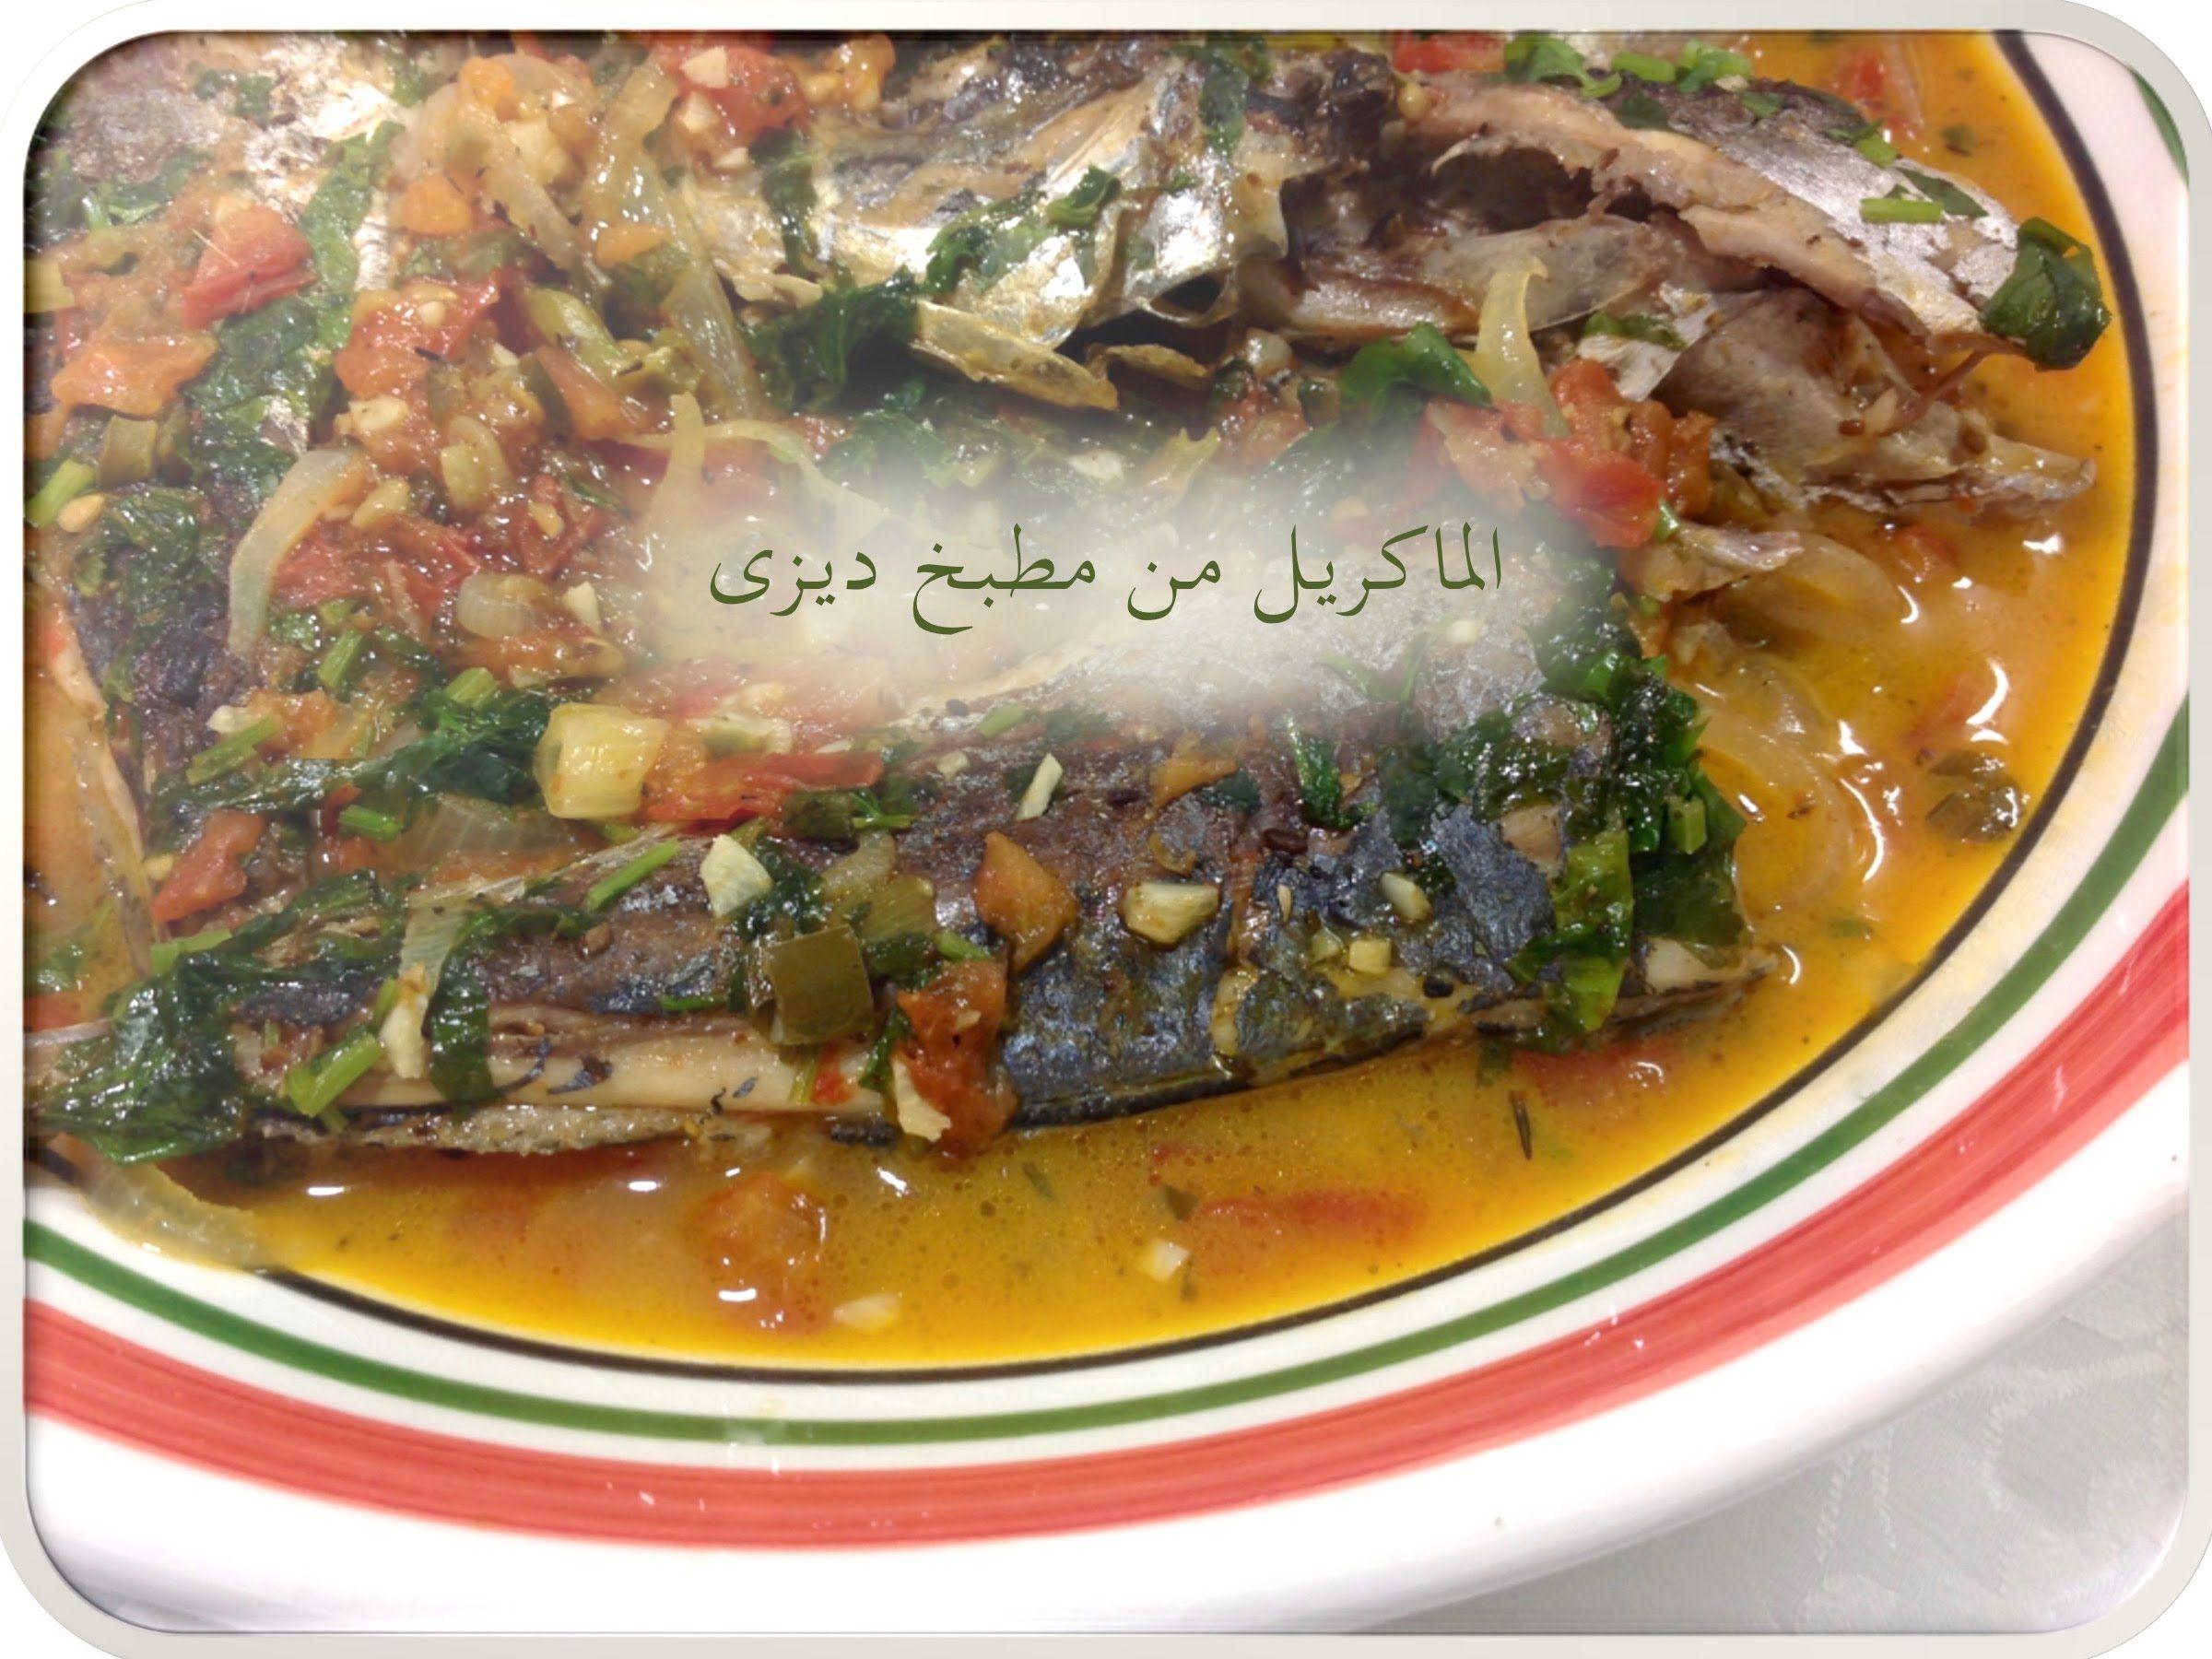 طريقة سريعة لعمل سمك الماكريل الشاخورة Mackerel Casserole Recipes